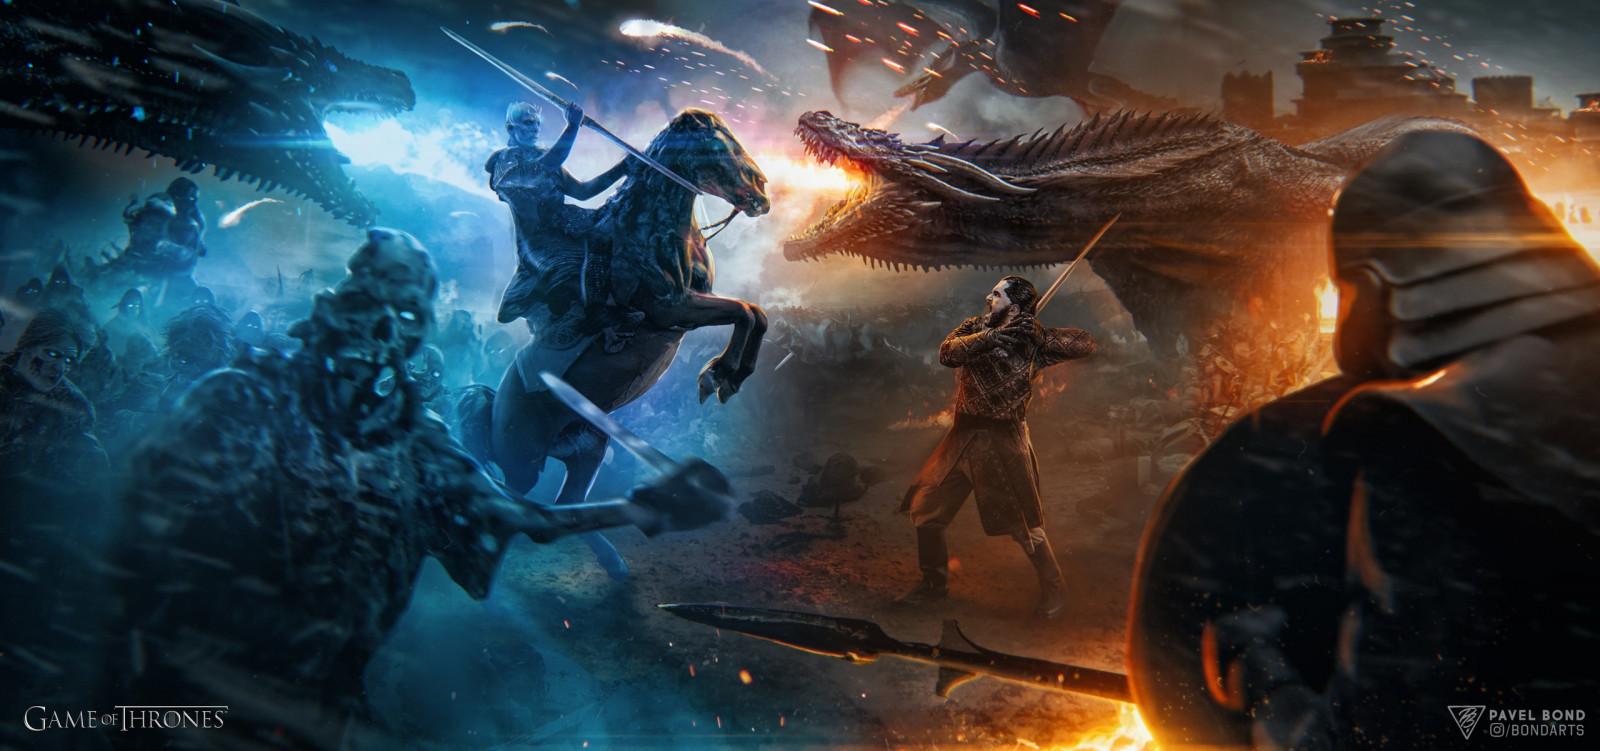 Wallpaper : Game of Thrones, war, battle, Aegon Targaryen ...